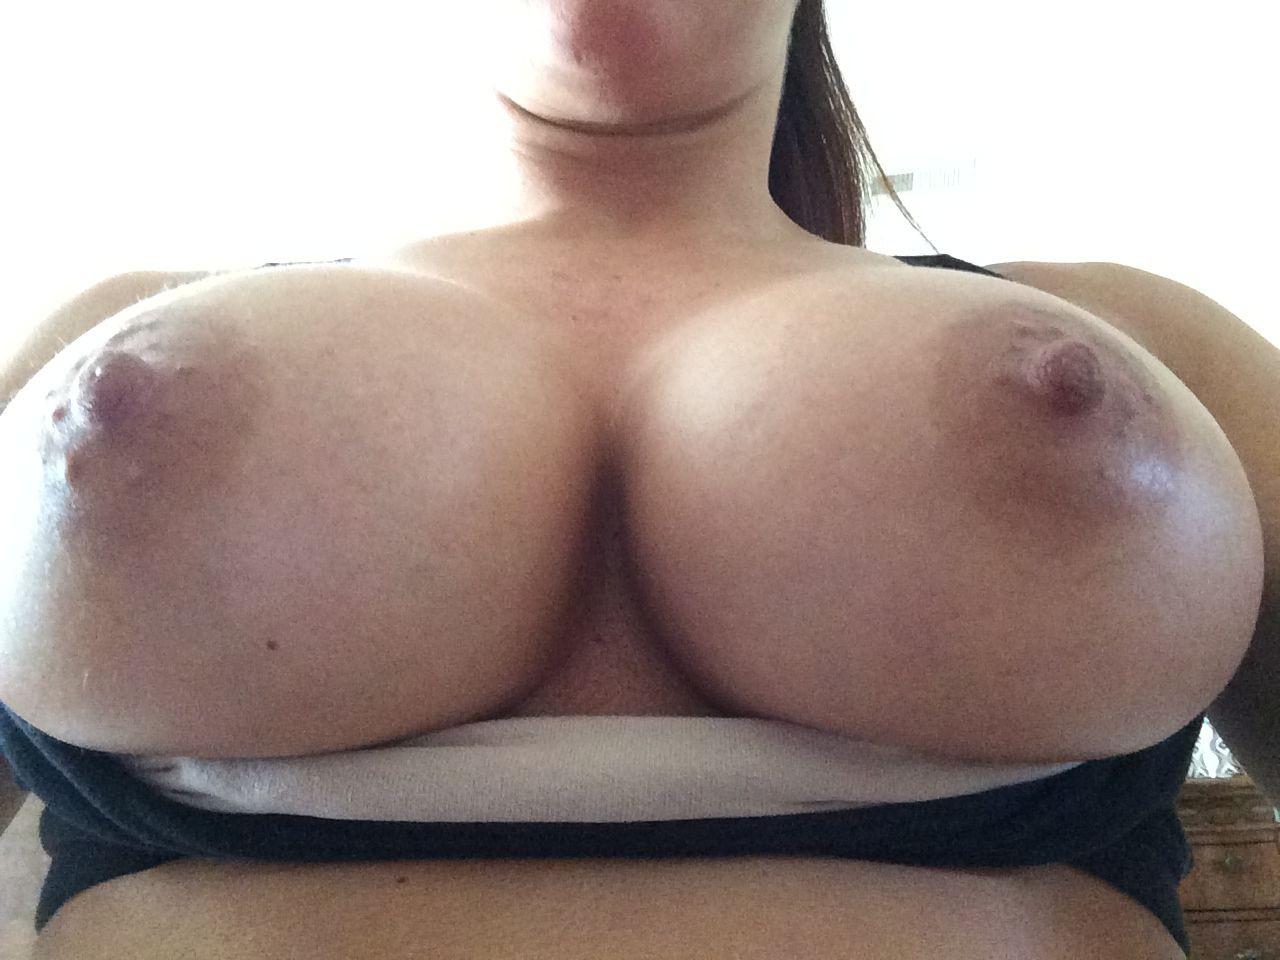 WWE Mickie James Leaked Pics, Pregnant Nude Selfies